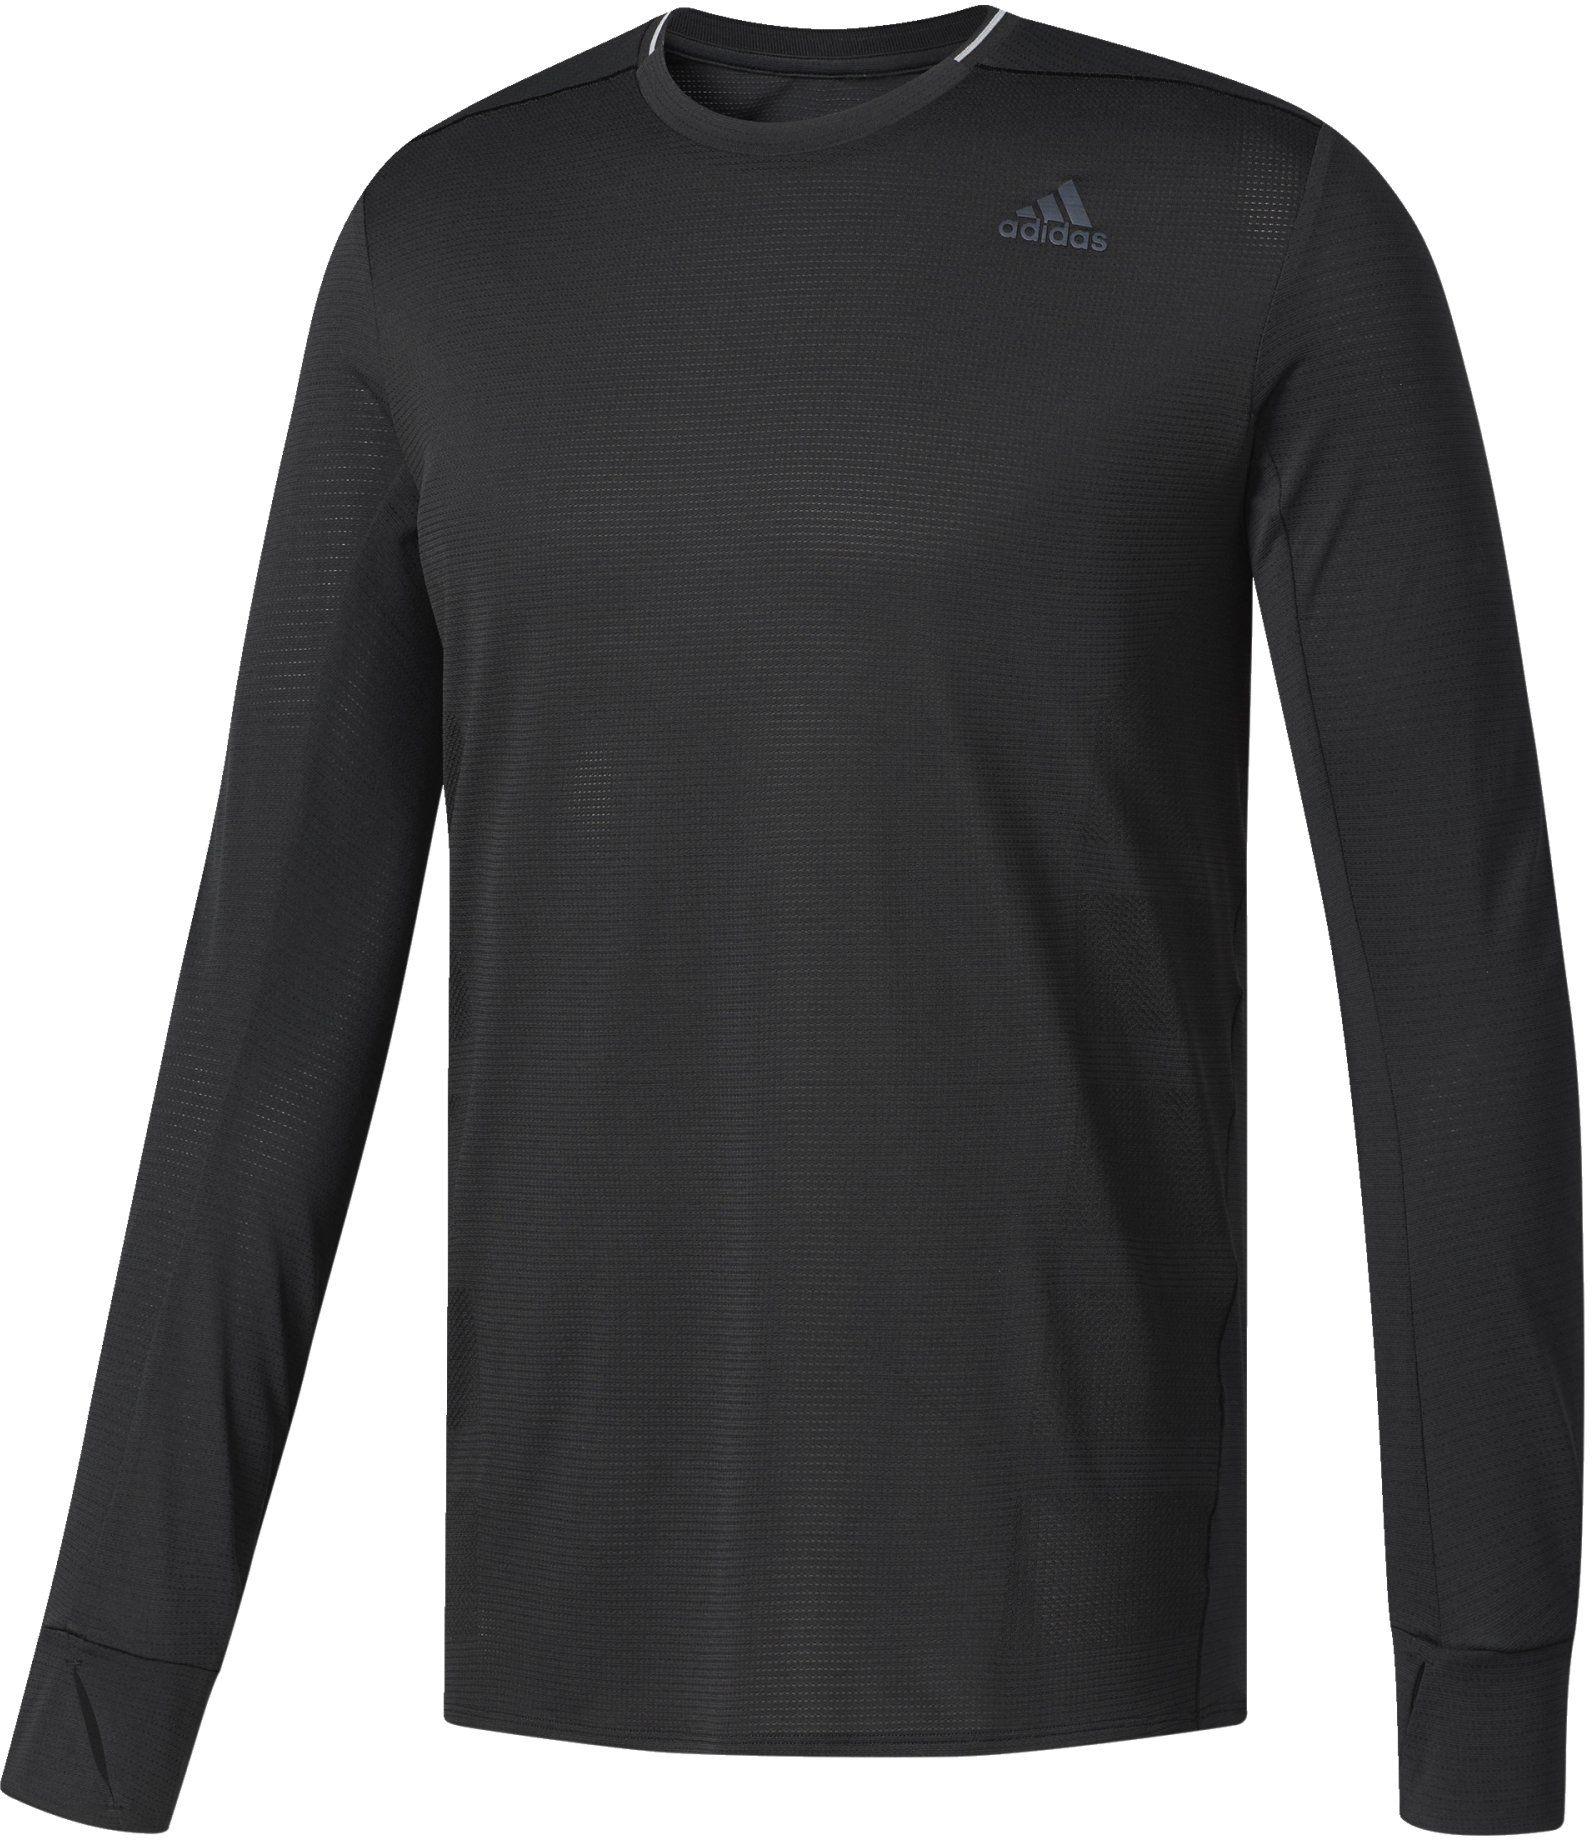 adidas Supernova męska koszulka z długim rękawem czarny czarny X-S